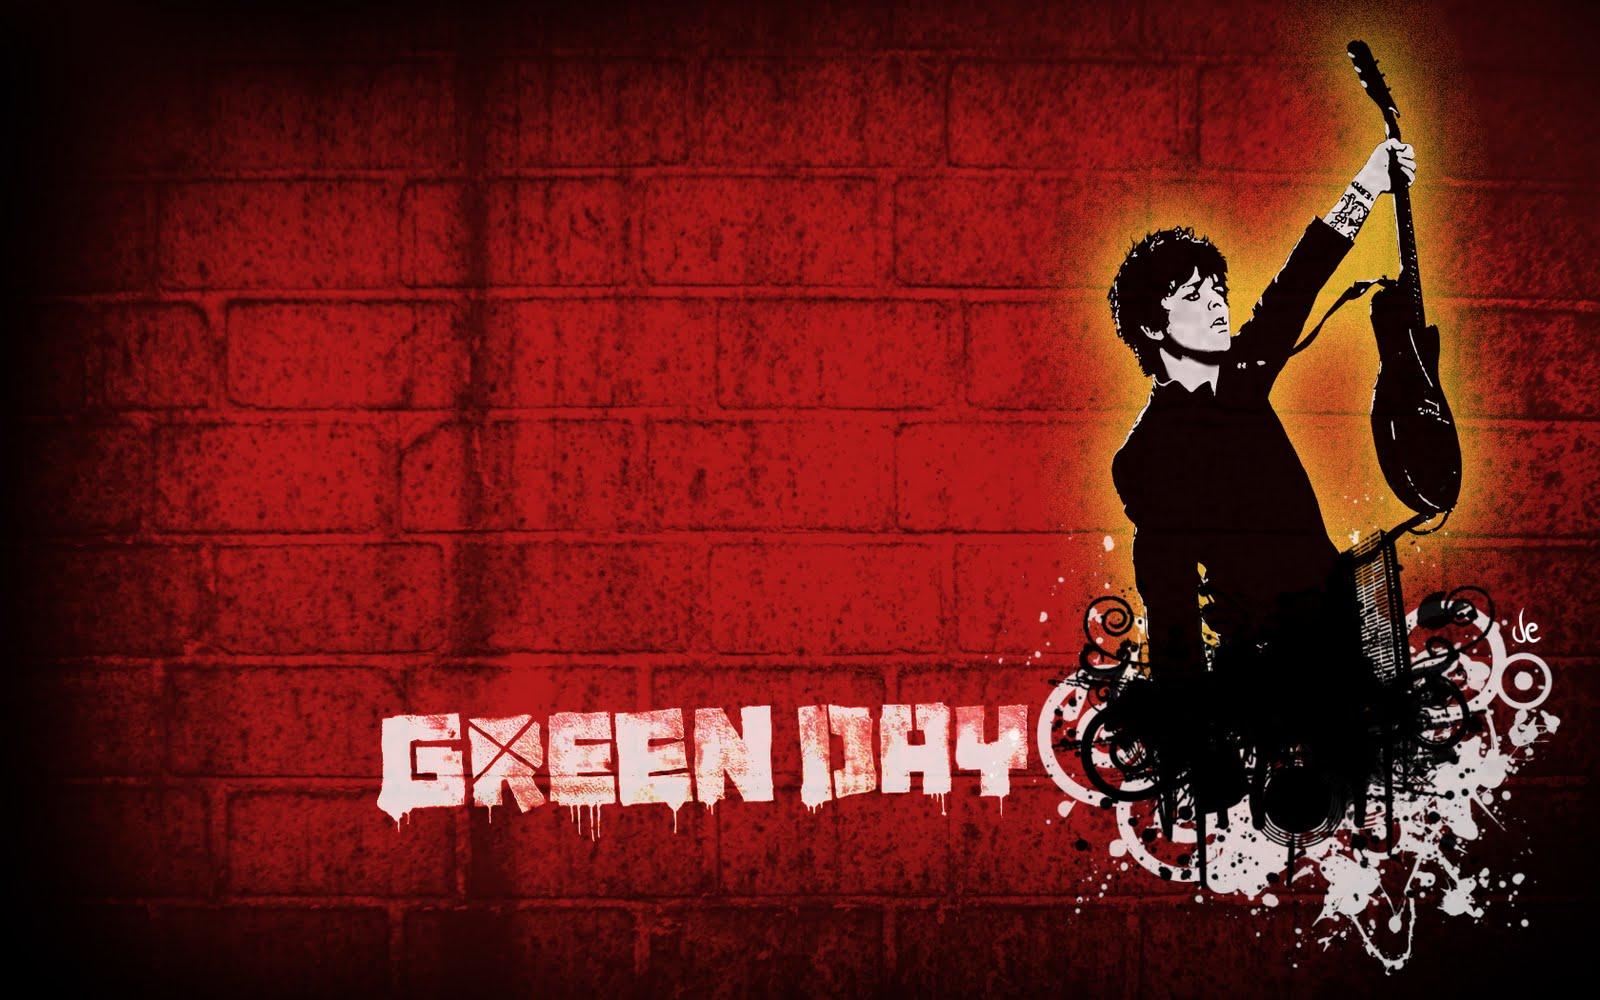 http://3.bp.blogspot.com/-LQ8zKOGlD14/TtxIqtOG3NI/AAAAAAAAApE/b0rYx-_nTqs/s1600/green-day-wallpaper-hd-3-769692.jpg